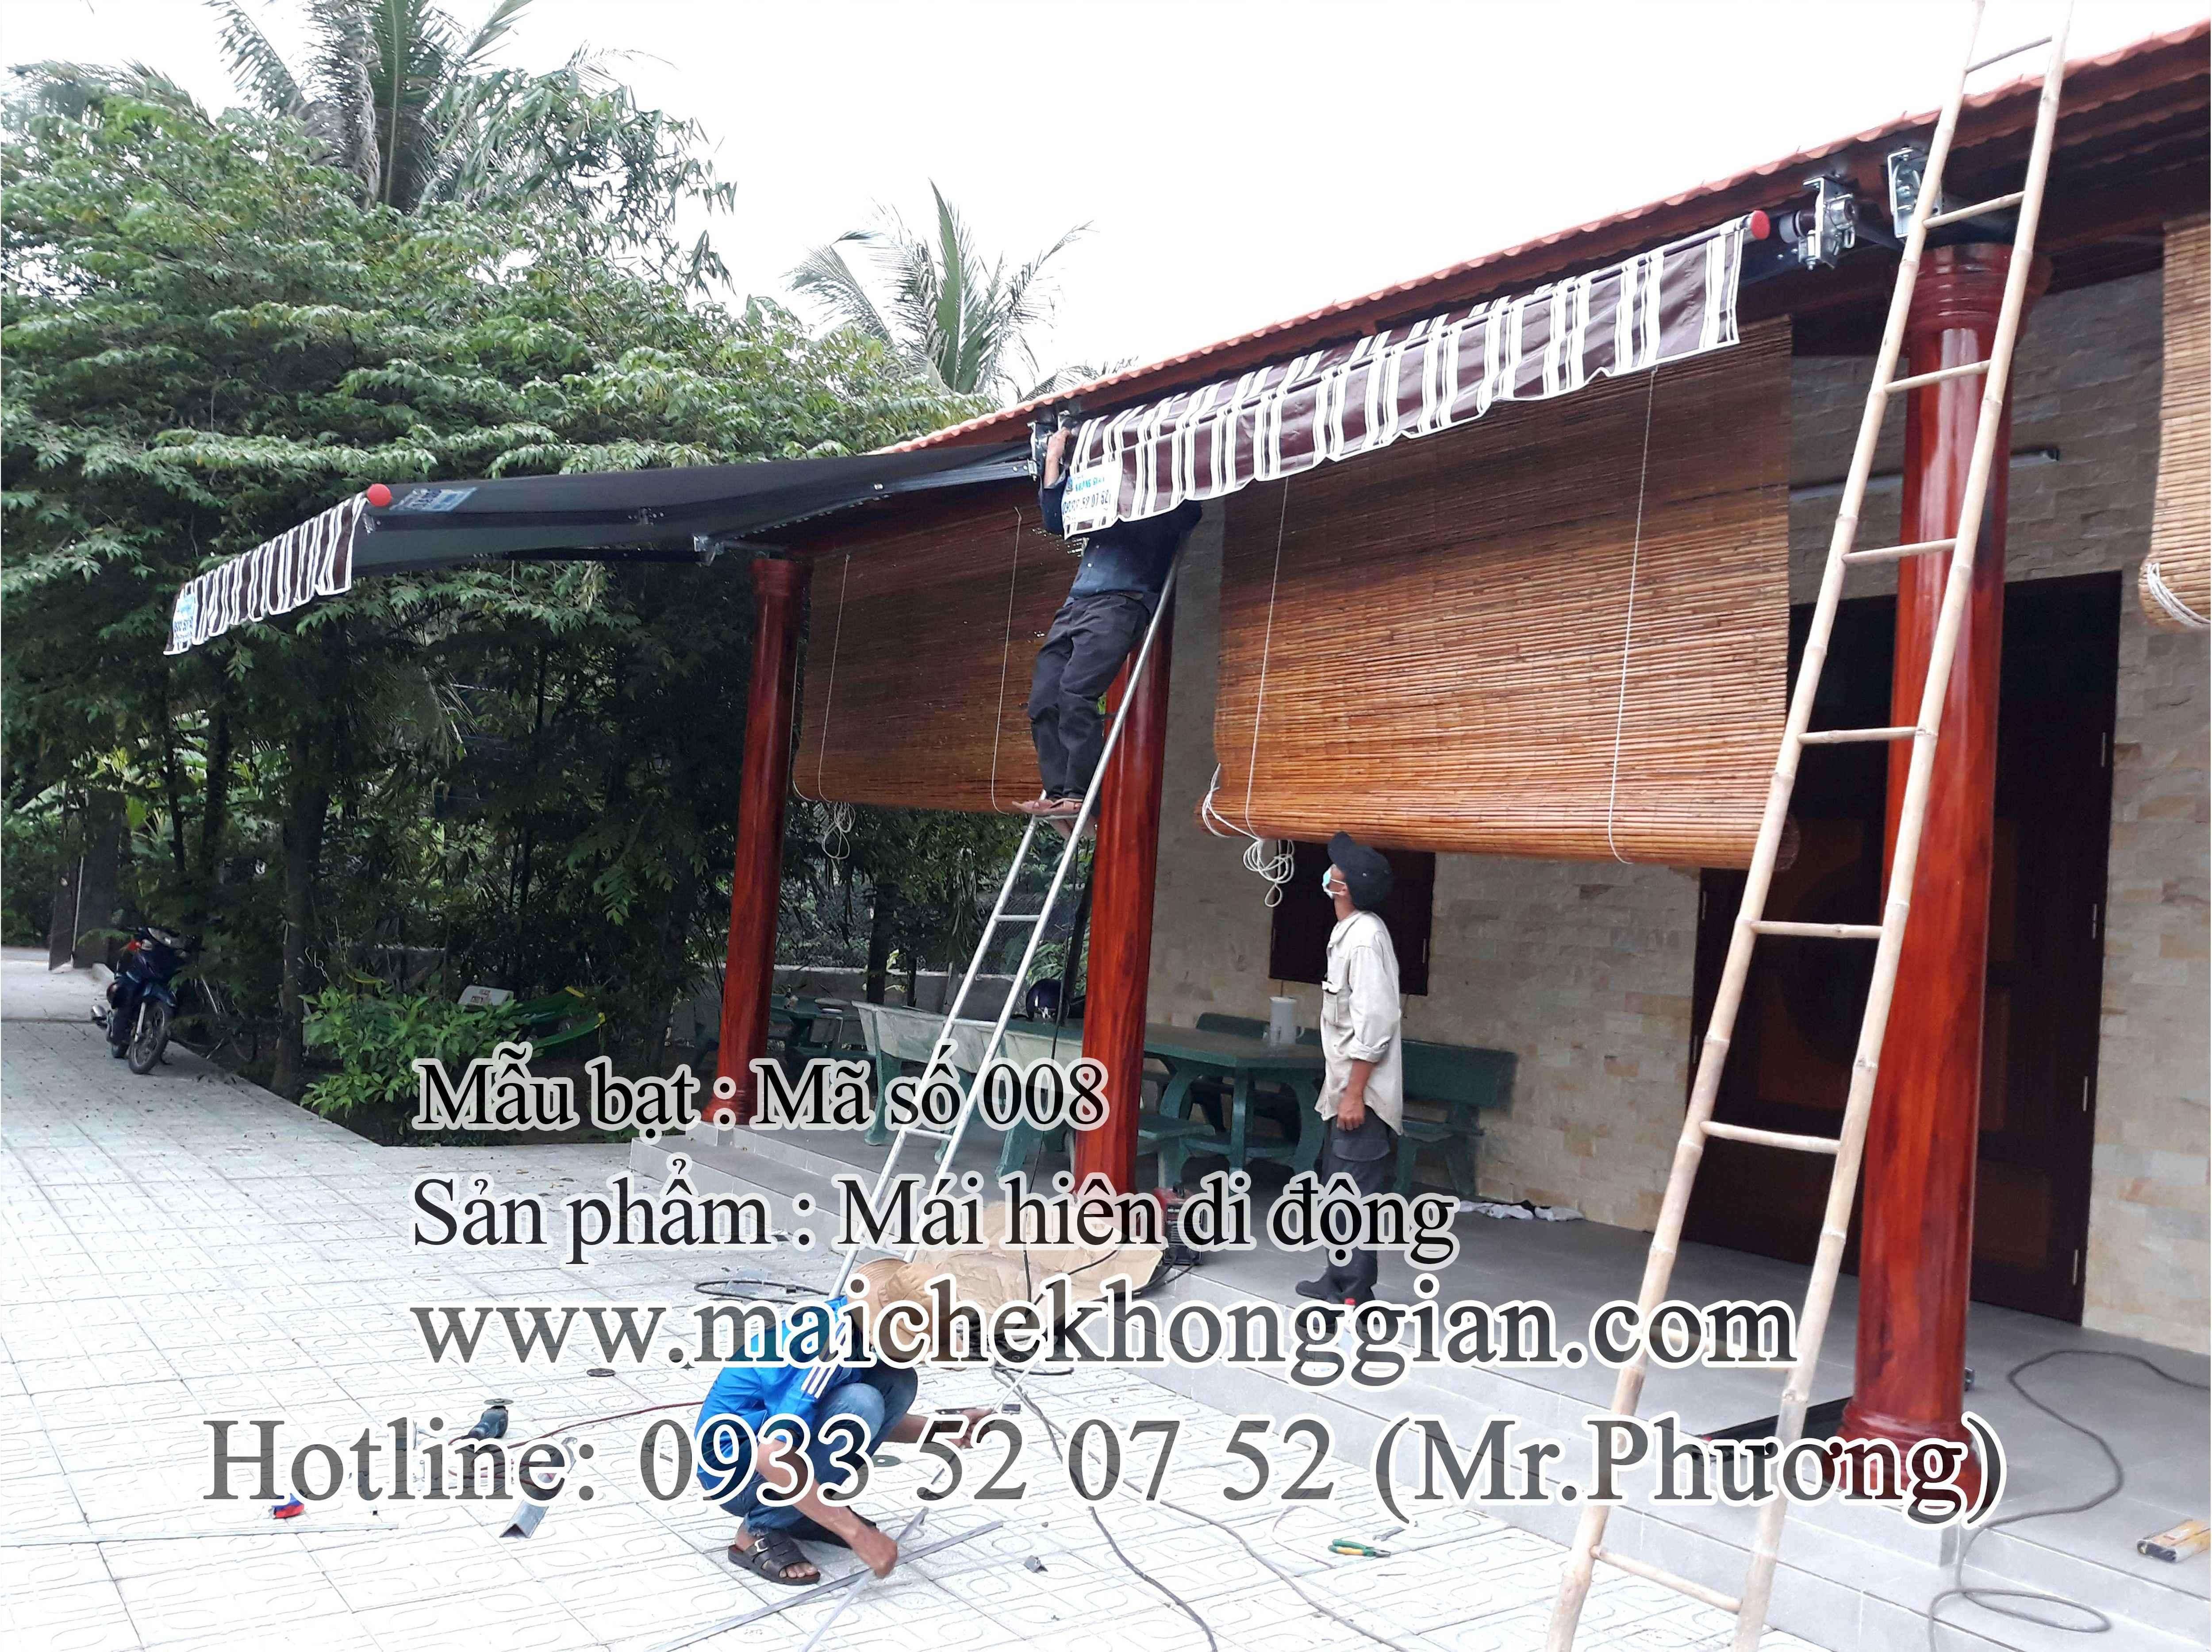 Mái Hiên Di Động Tân Phú Đông Tiền Giang